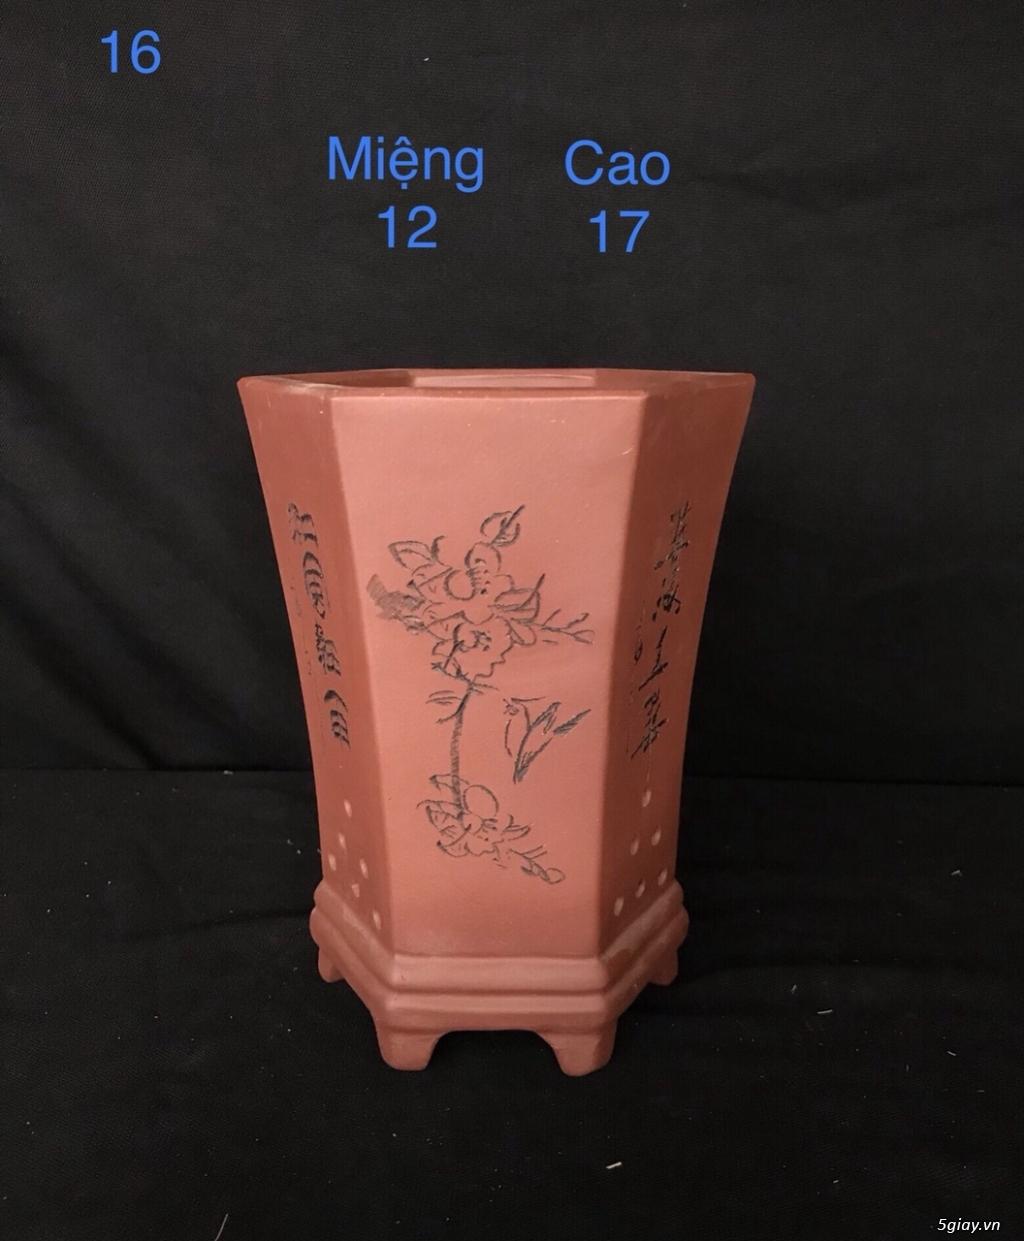 Chậu cây bonsai nhập khẩu, đẹp, có giá sỉ và lẻ cho a/e, 0962118575 - 13